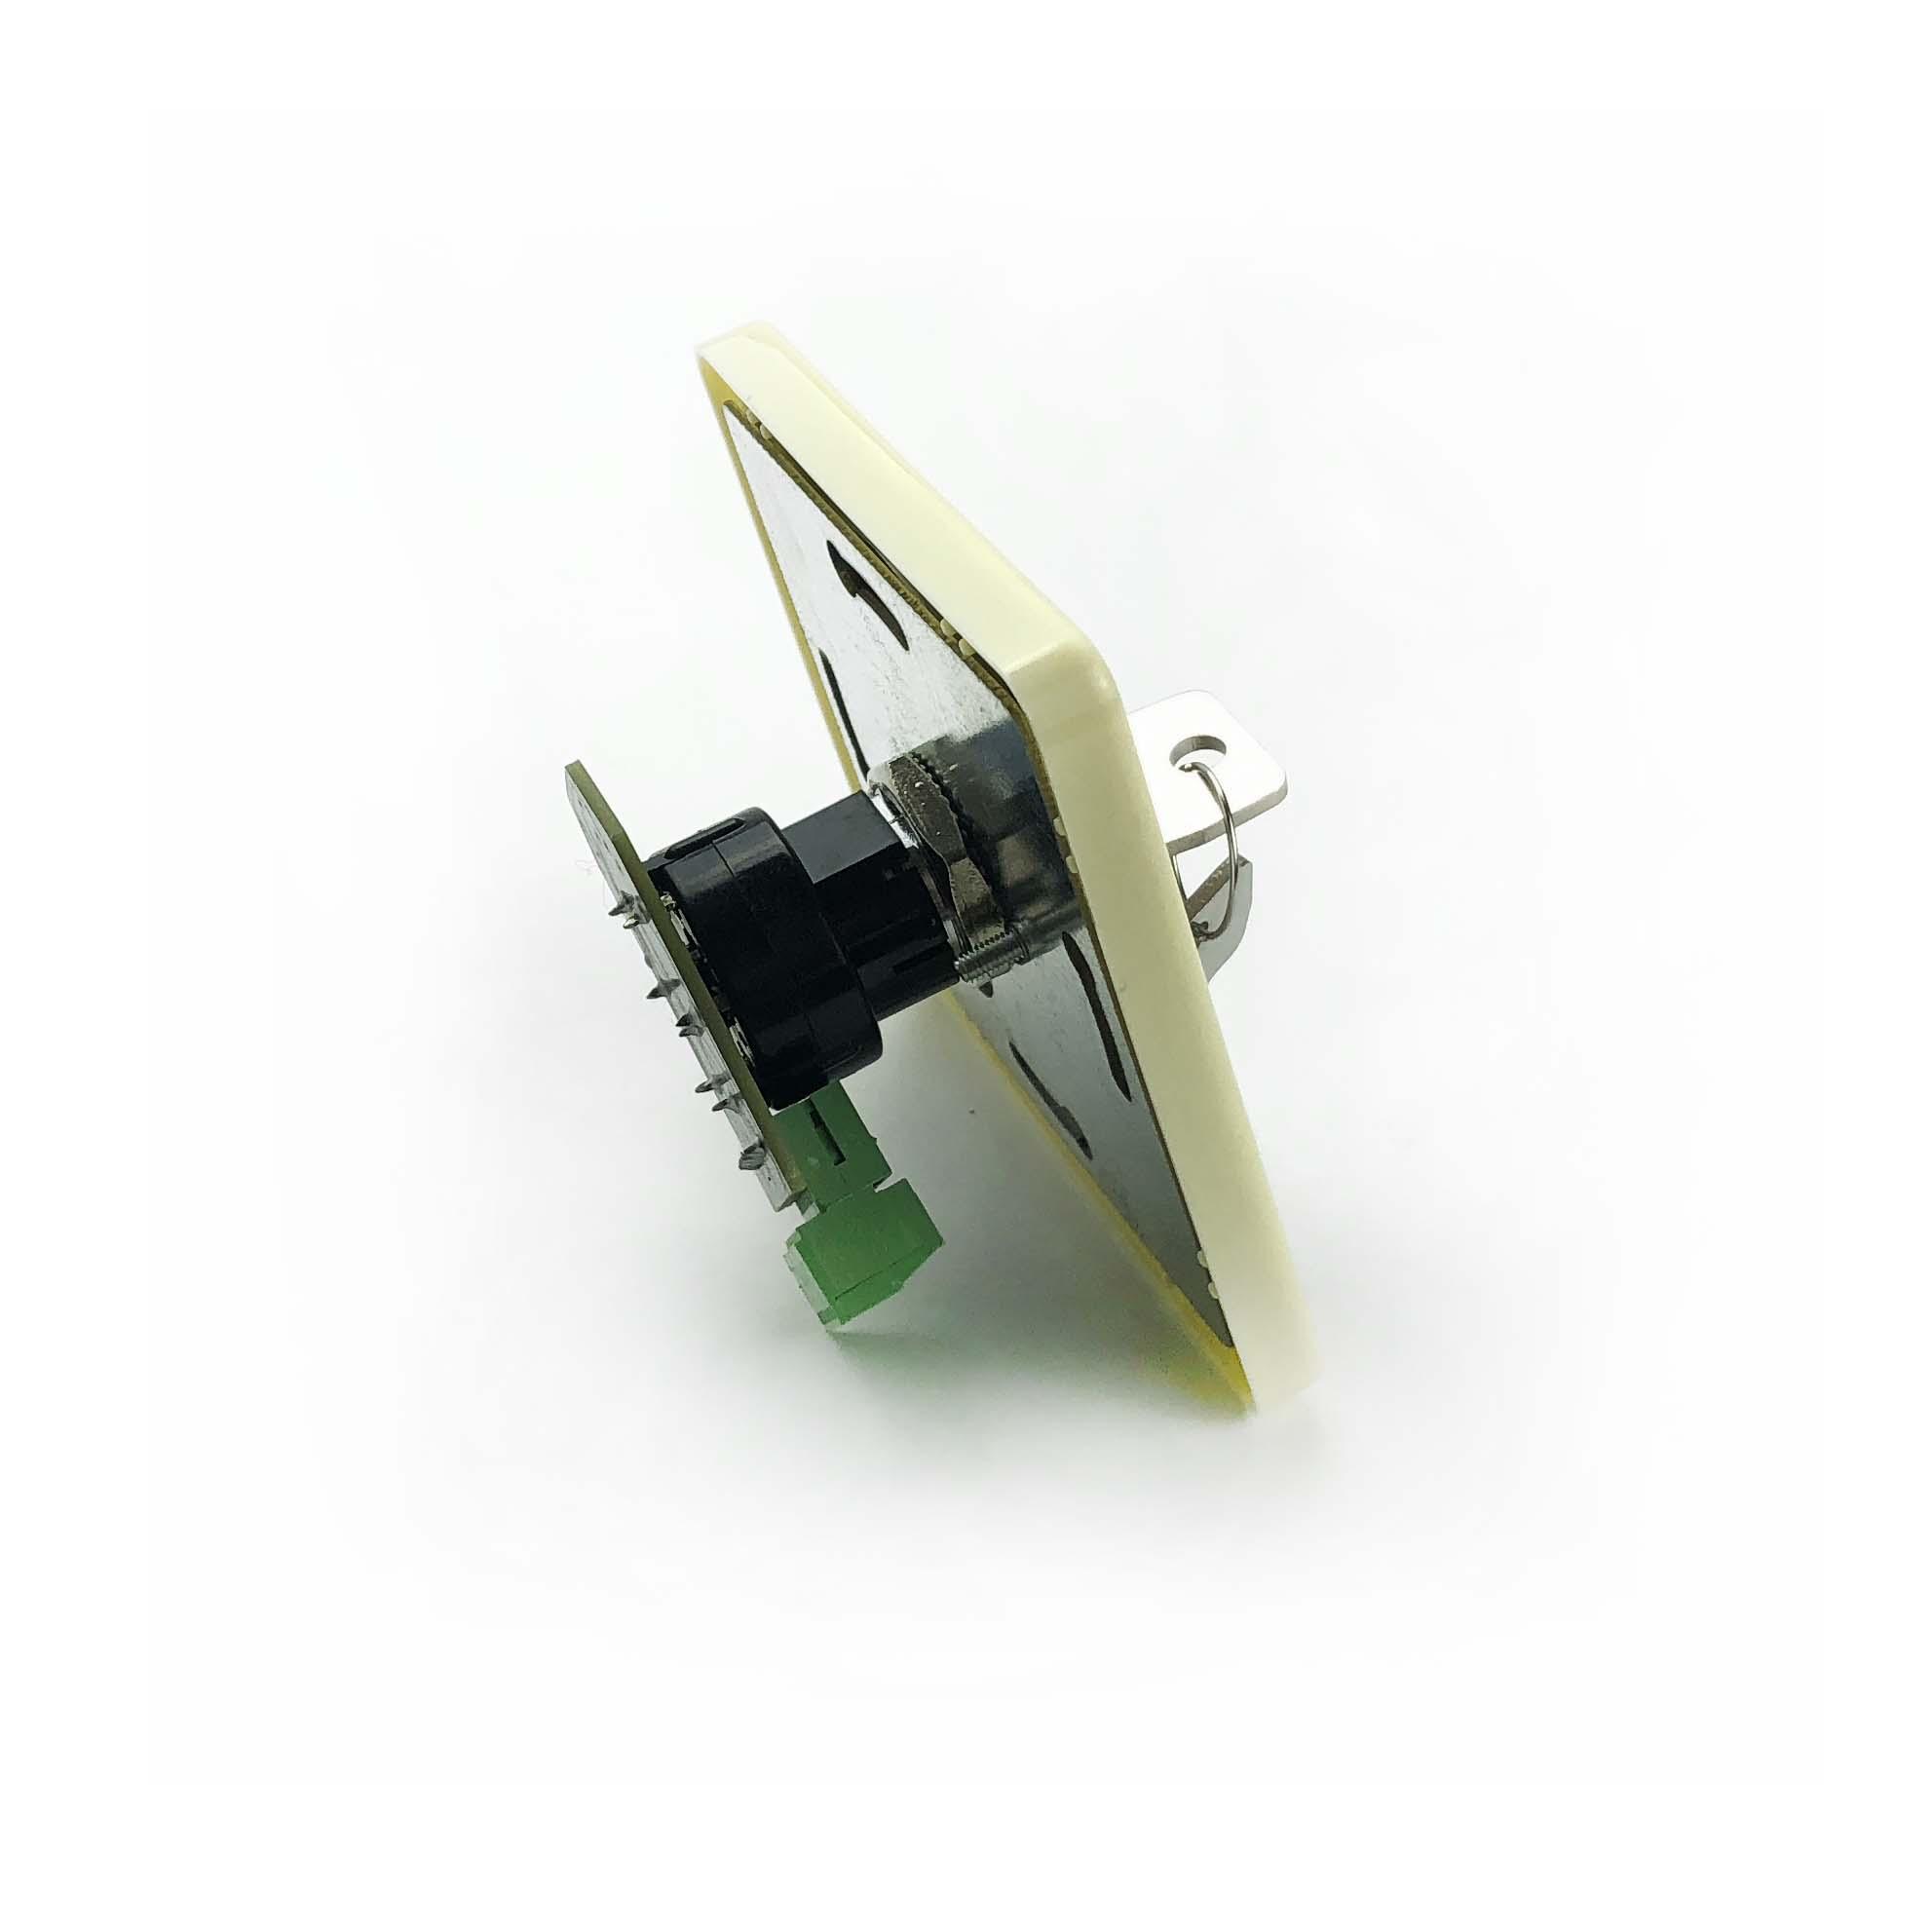 ES200 & ES200 easy program key switch